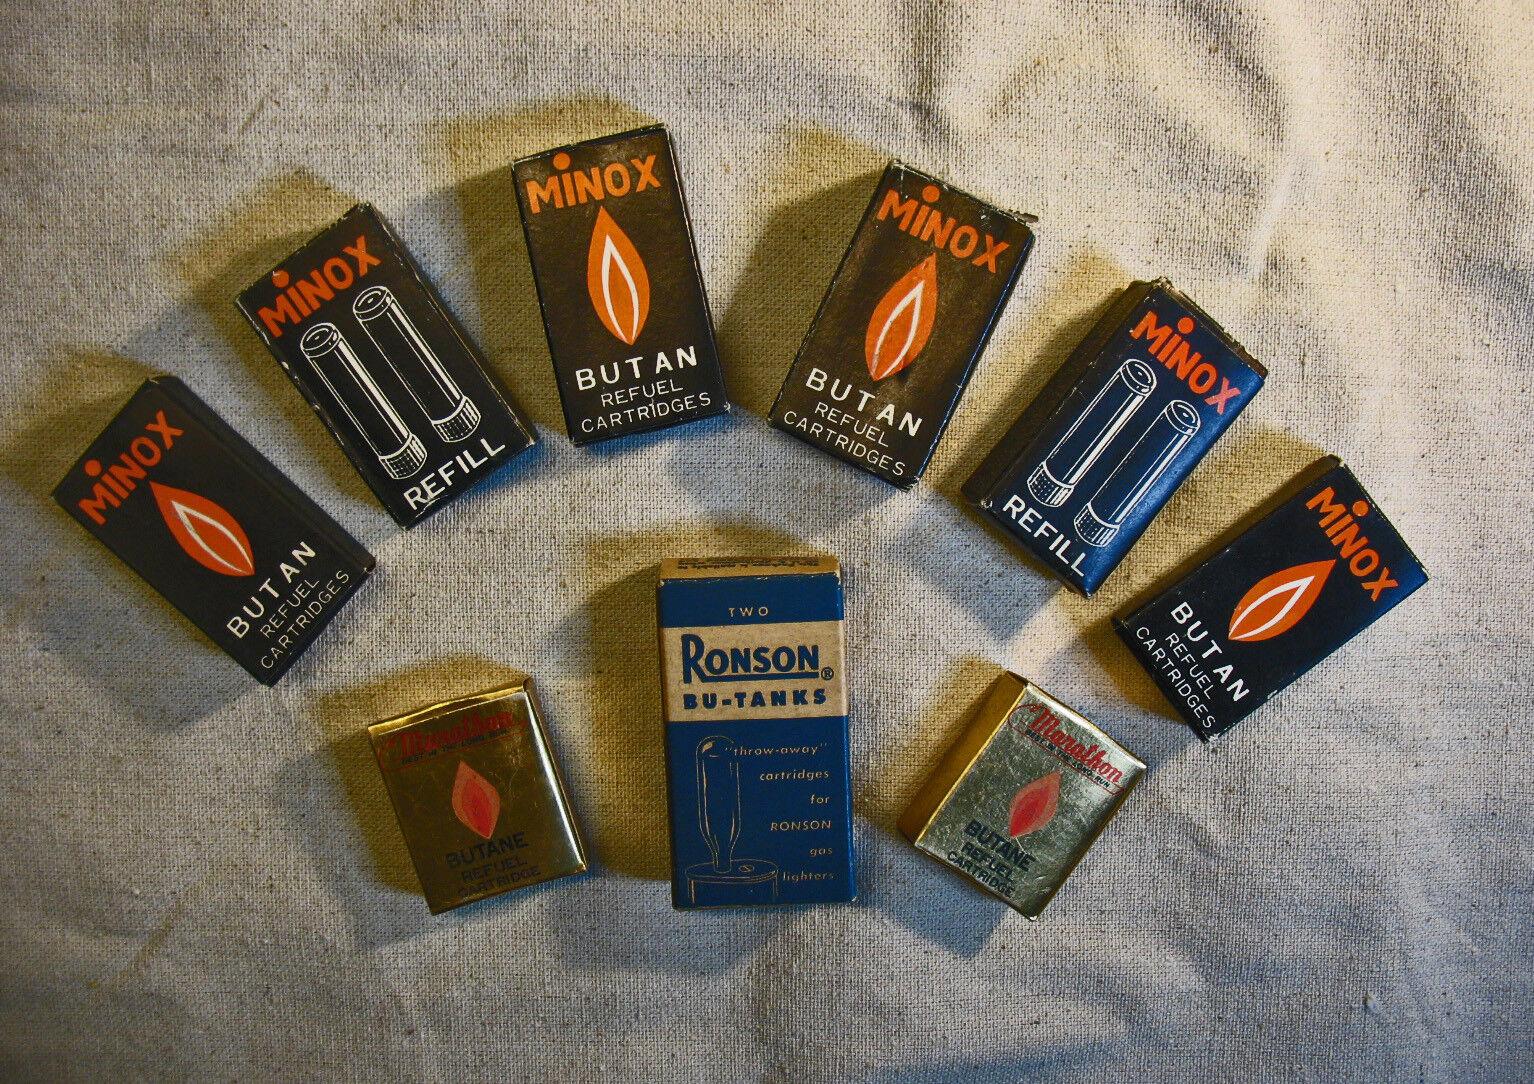 9 Vint. Pkg. Minox Marathon Ronson Disposable Butane Gas Fuel Cartridges AS IS